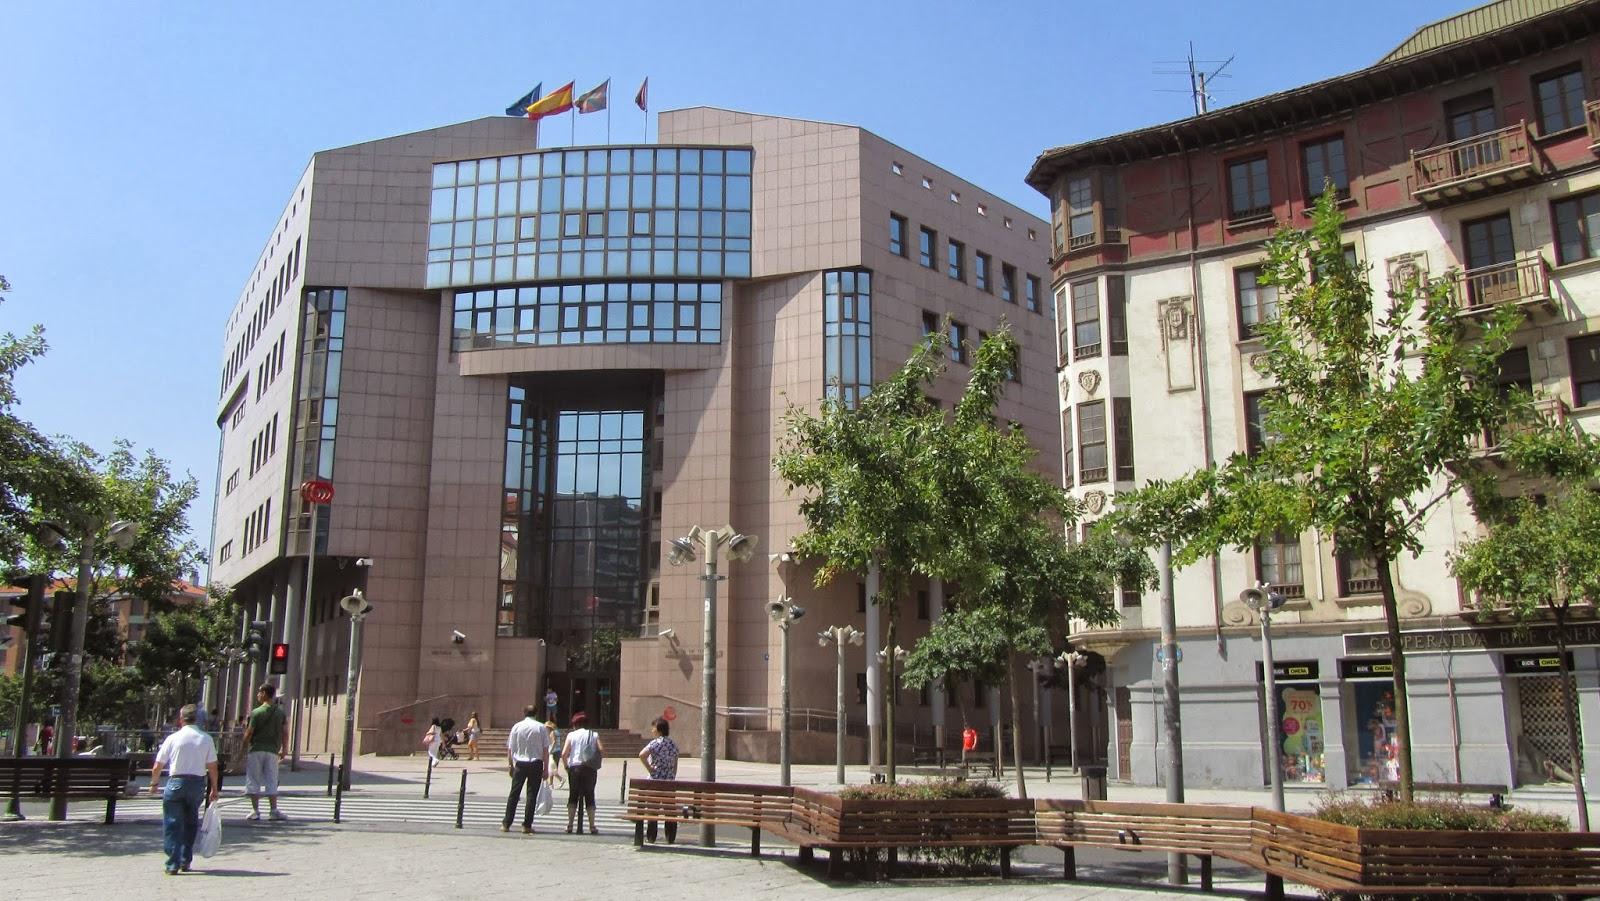 Palacio de justicia de Barakaldo